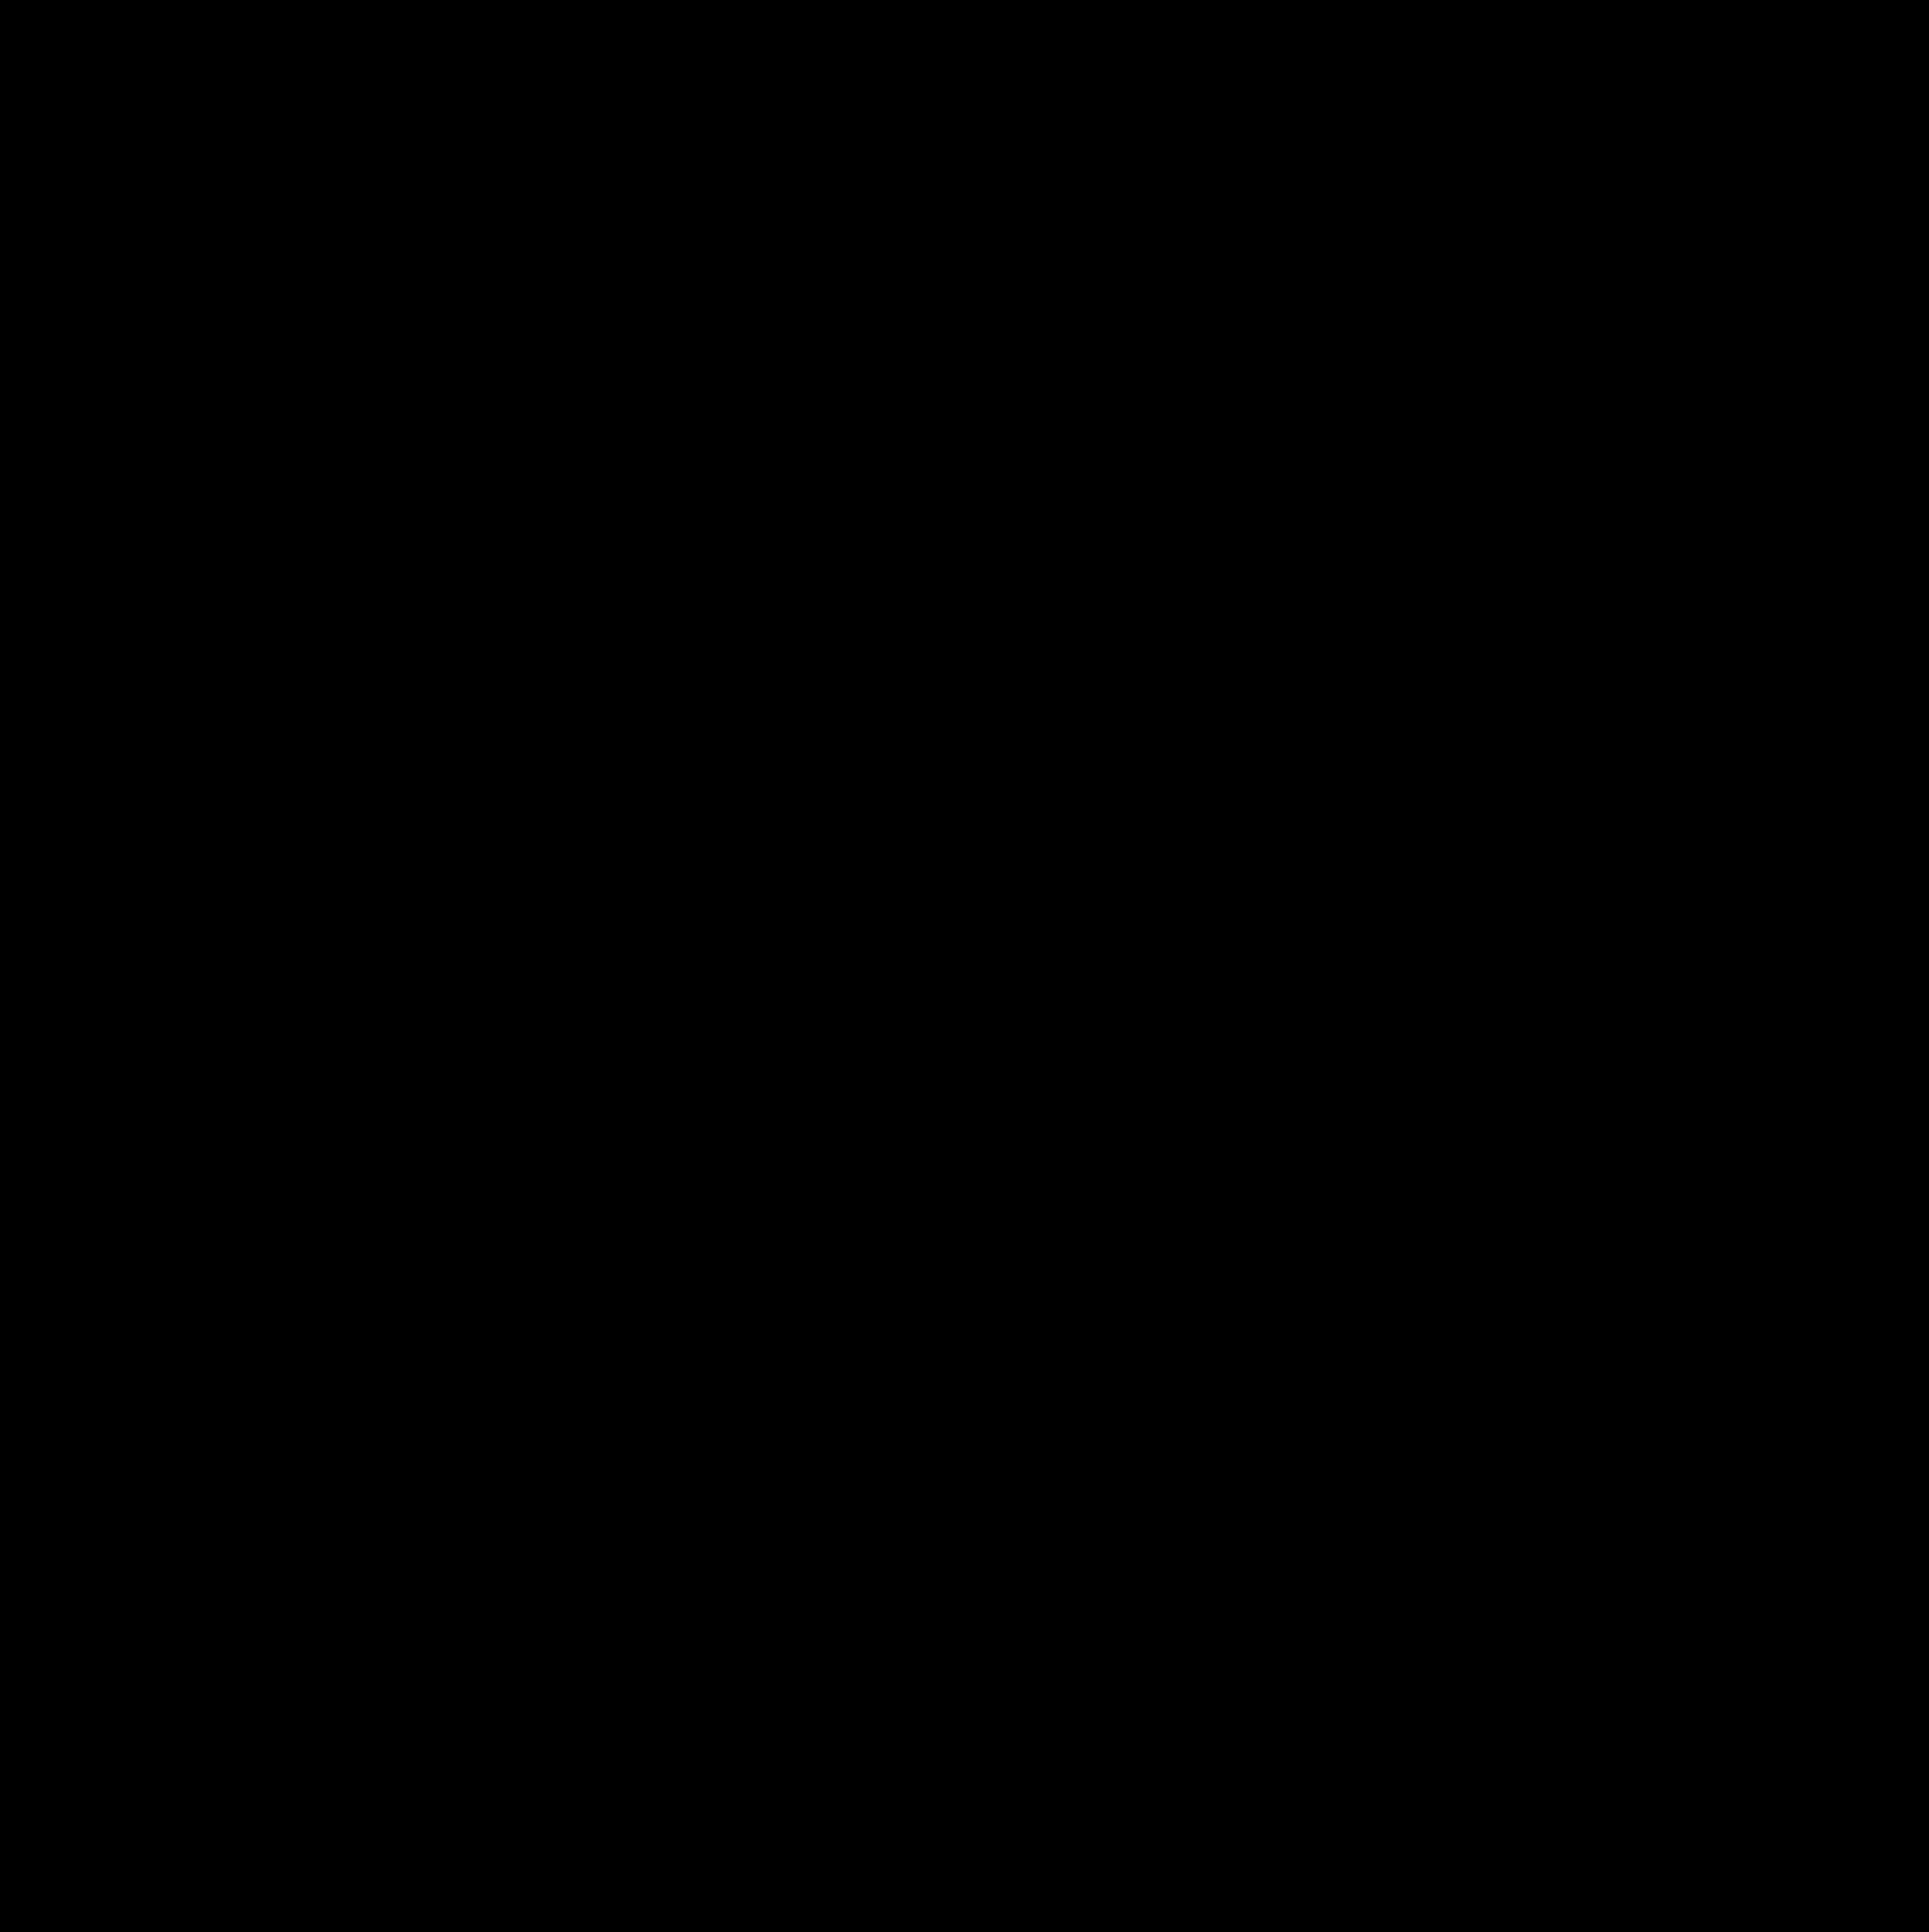 Lens Decorative PNG Transparent Image.